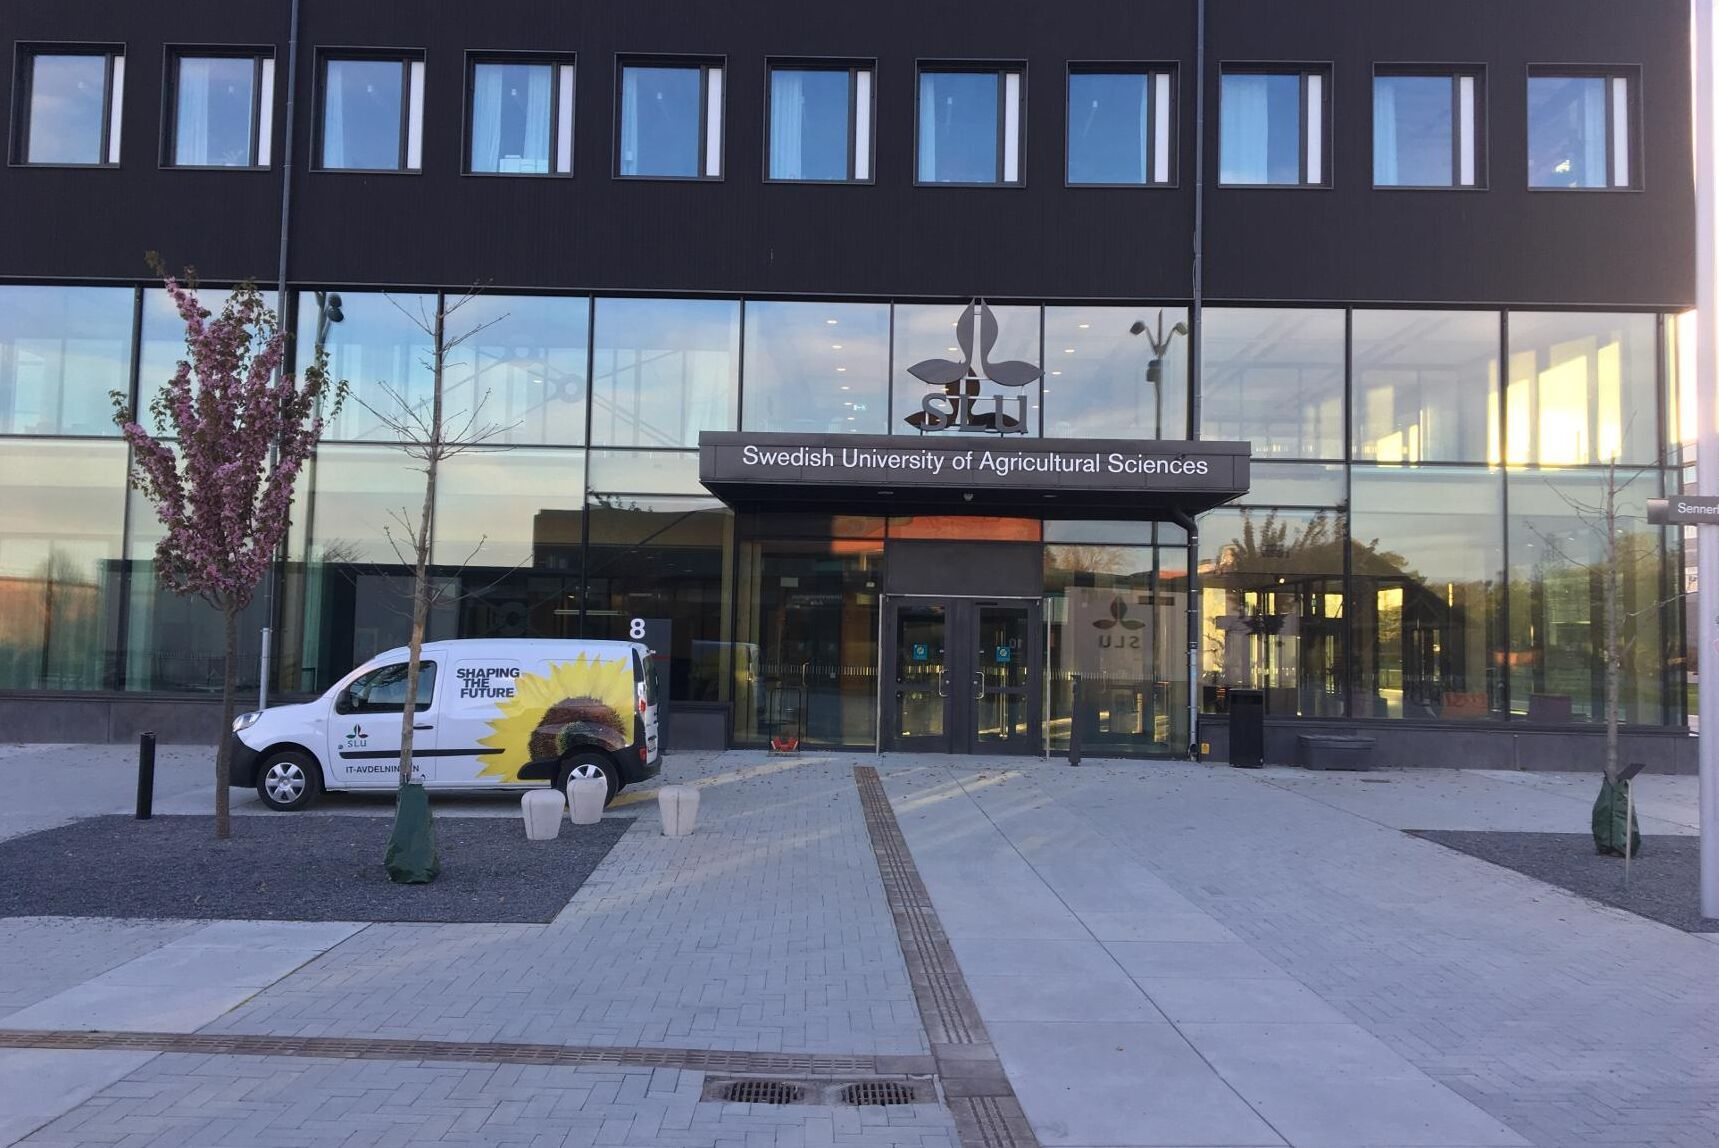 Uppsala blir huvudsäte för den nya civilingenjörsutbildningen vid SLU. Men troligtvis kommer utbildningen även att samarbeta med andra huvudorter som SLU i Umeå.